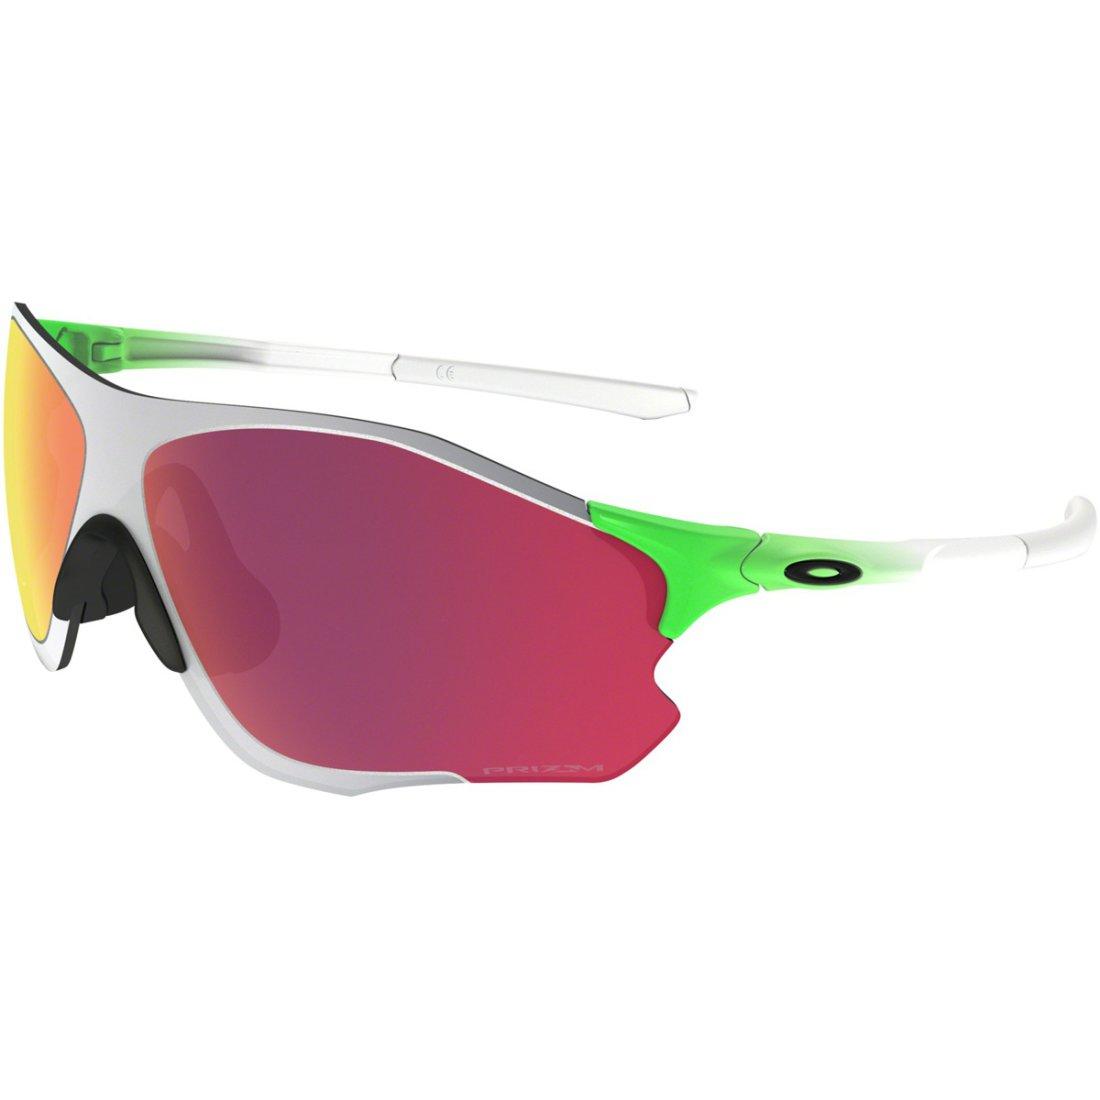 2dec7354d5 Masque / Lunettes OAKLEY EVZero Path Green Fade Edition / Prizm Field